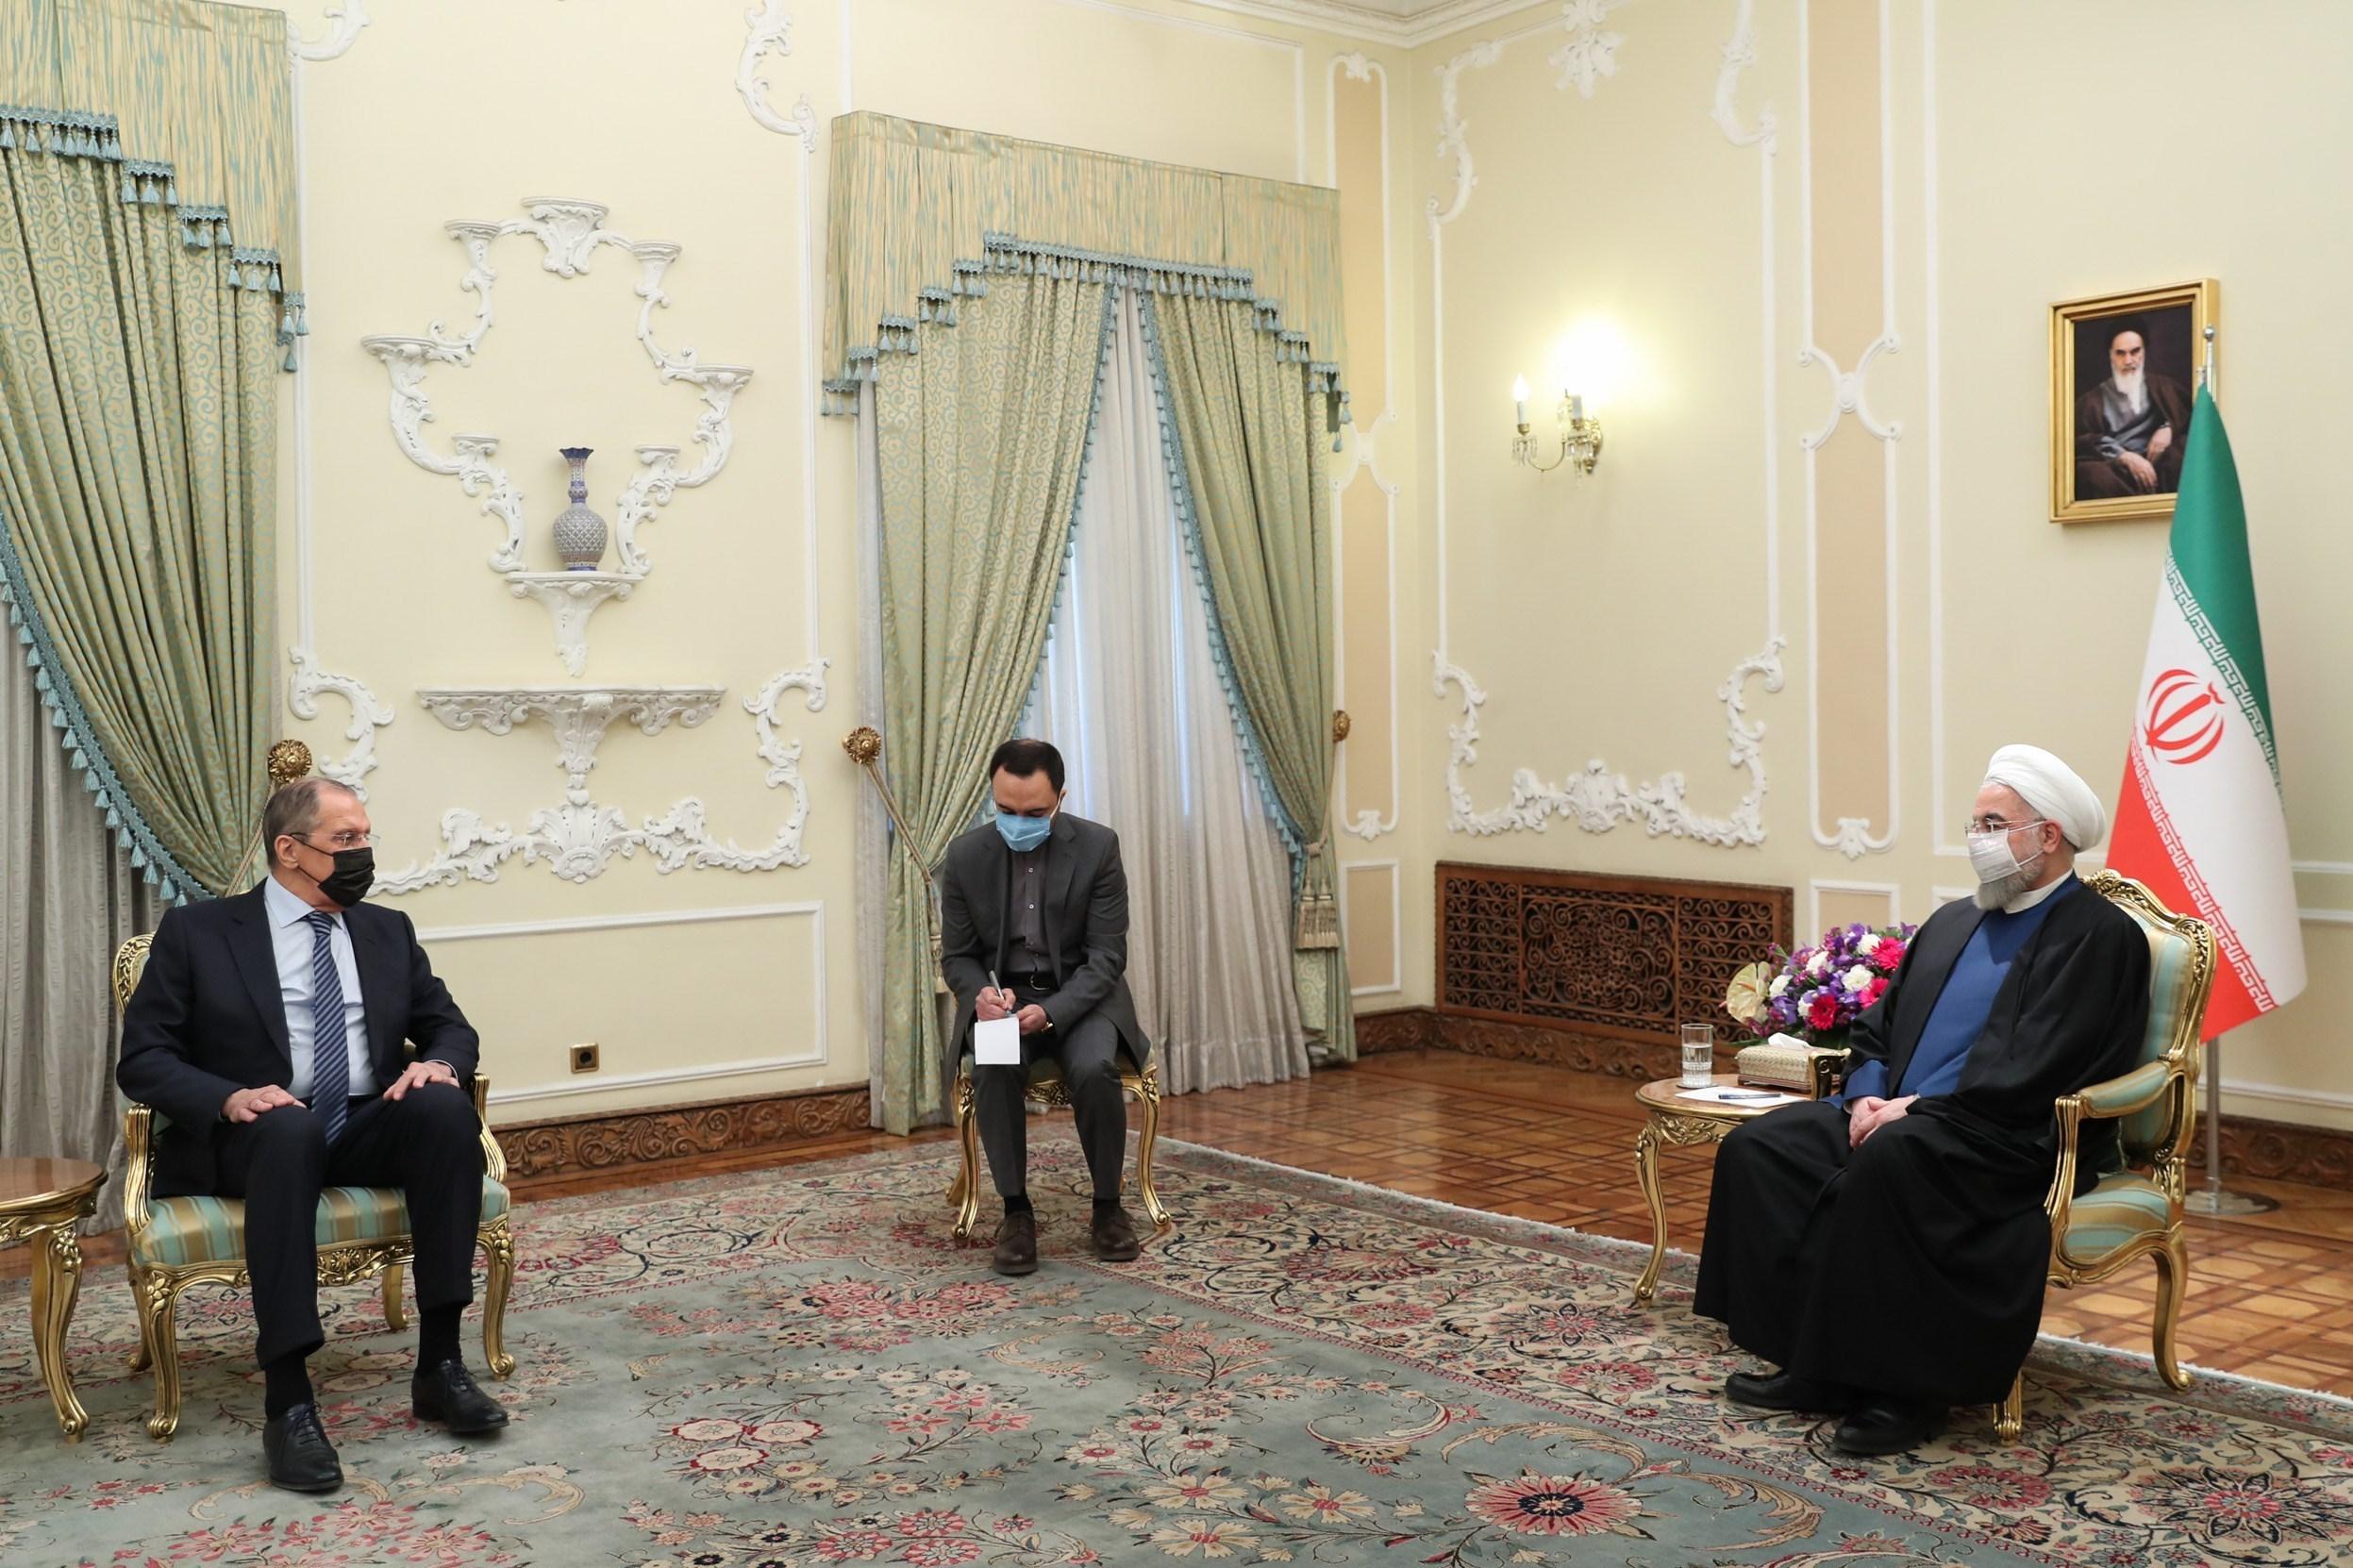 سرگئی لاوروف , دولت دوازدهم جمهوری اسلامی ایران , حسن روحانی , کشور روسیه ,